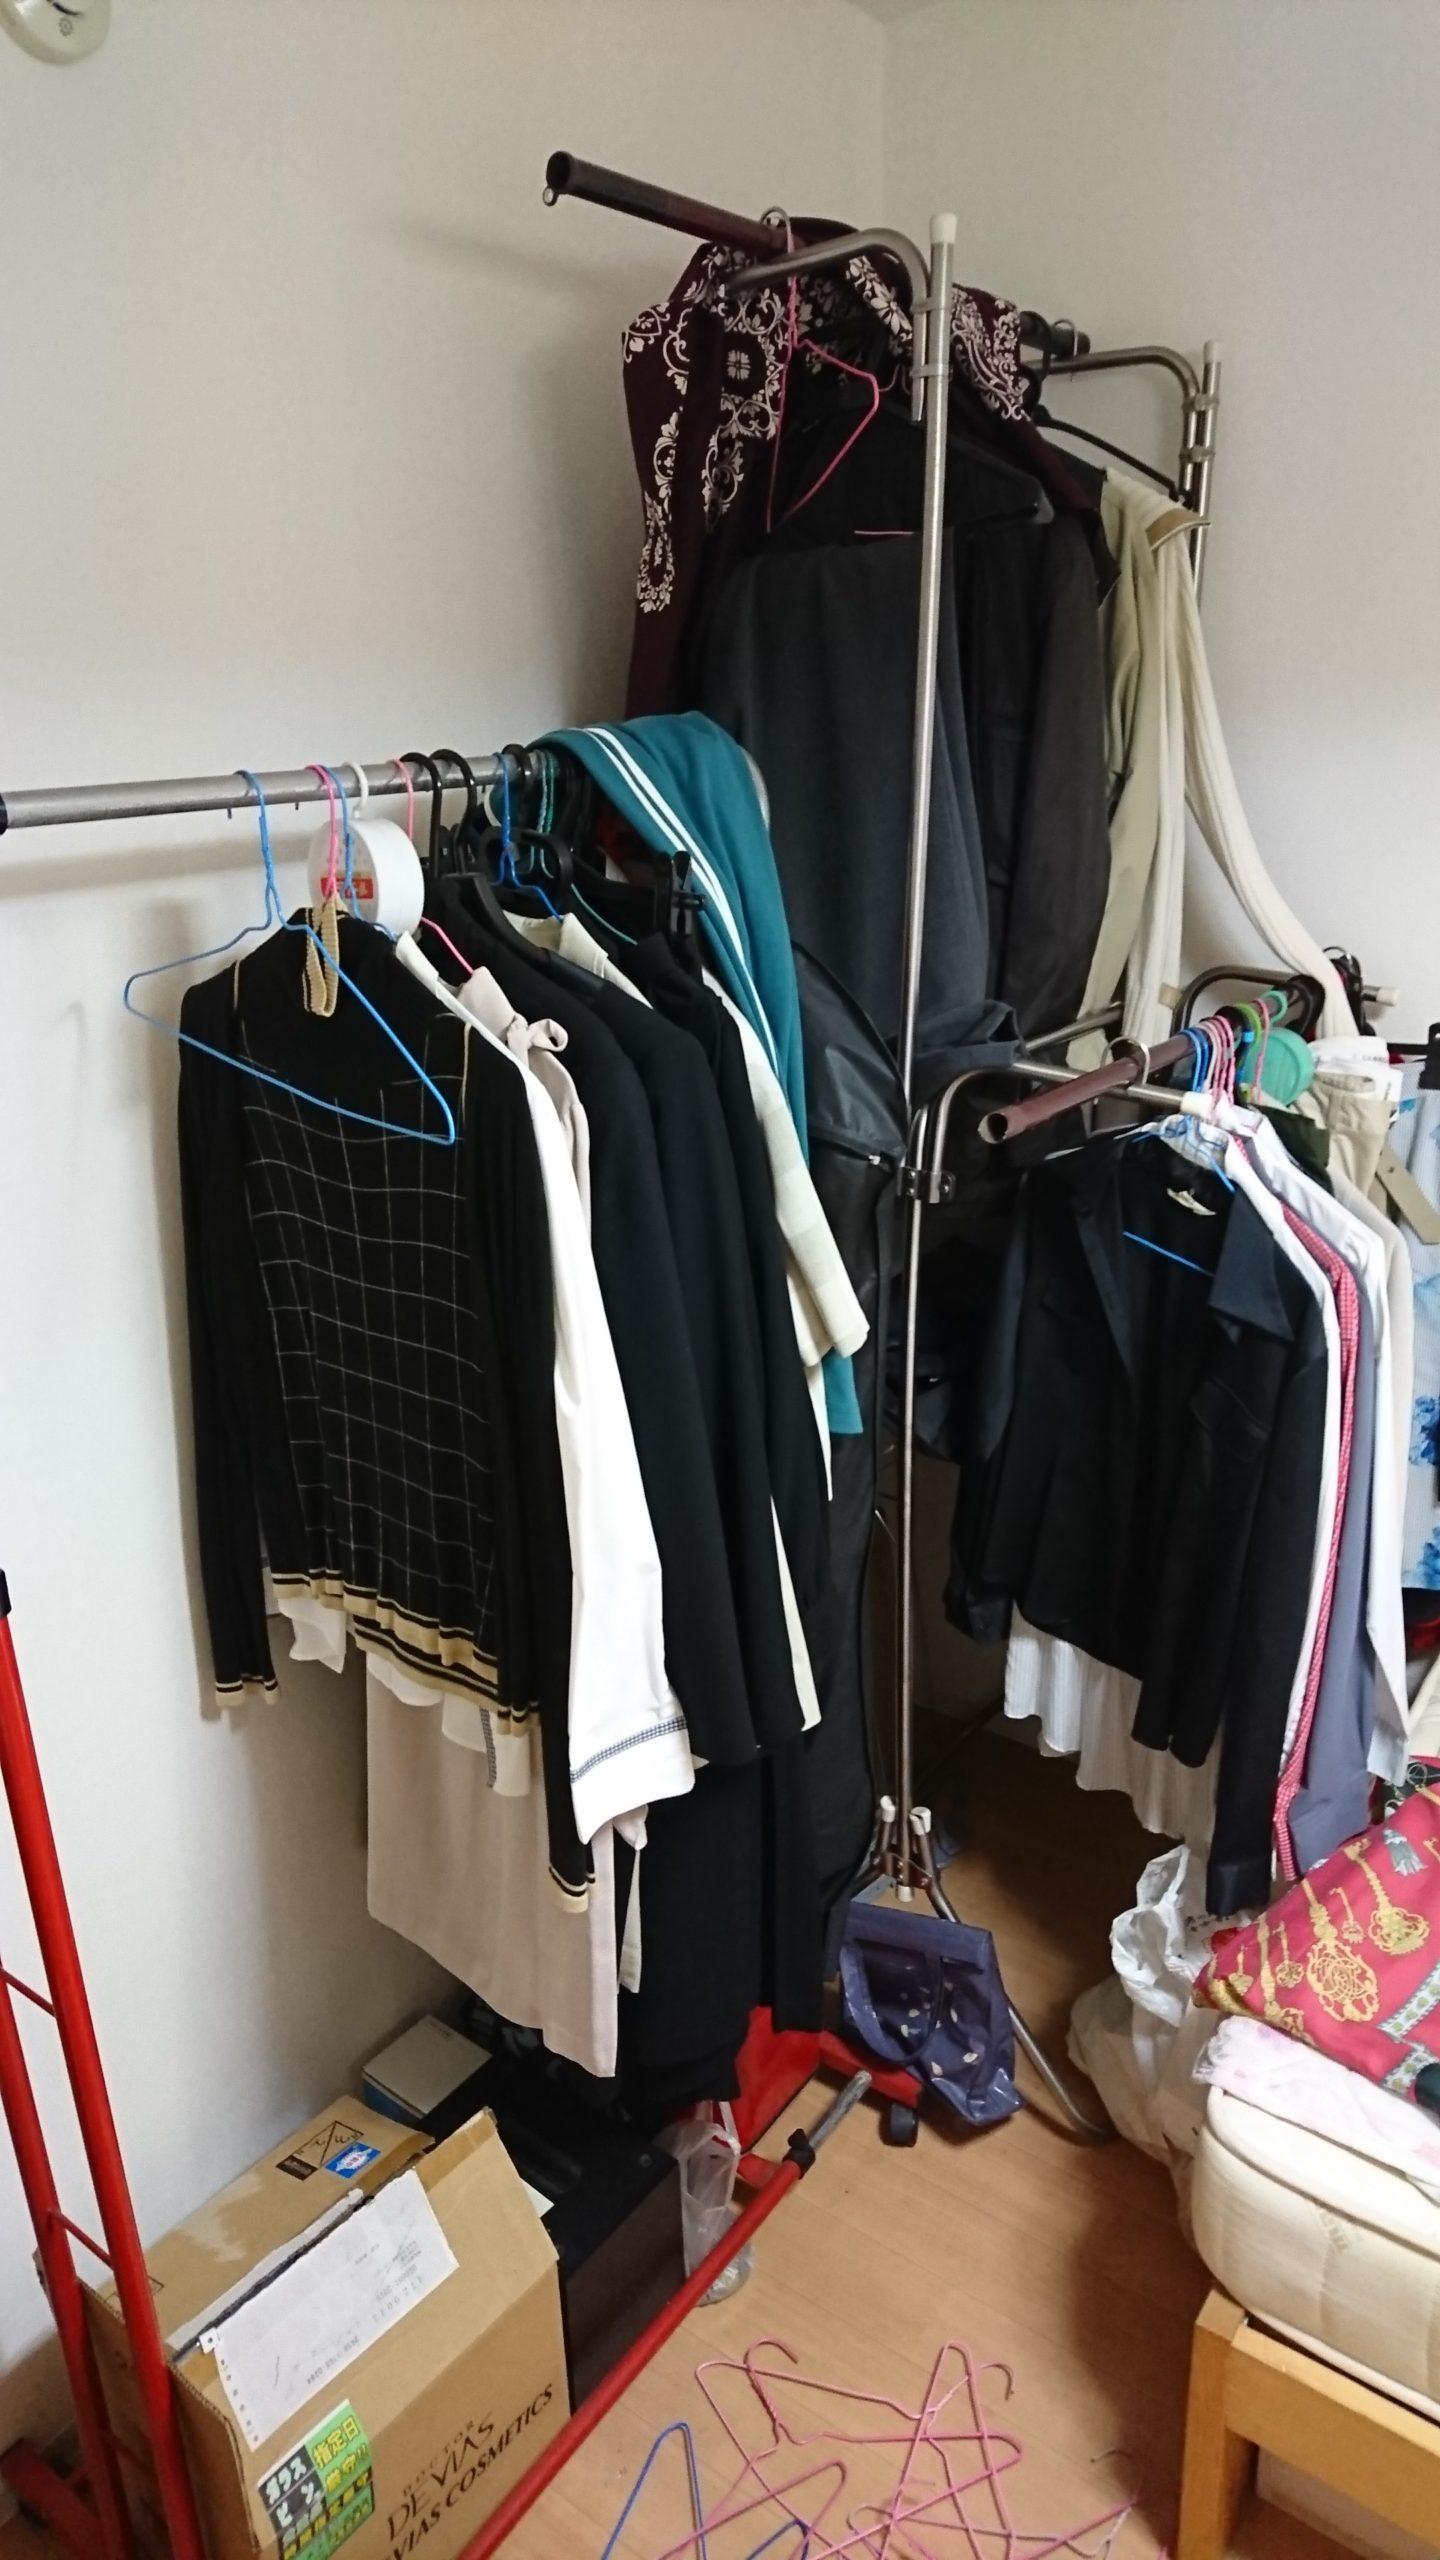 【愛知県名古屋市熱田区】衣類の出張回収